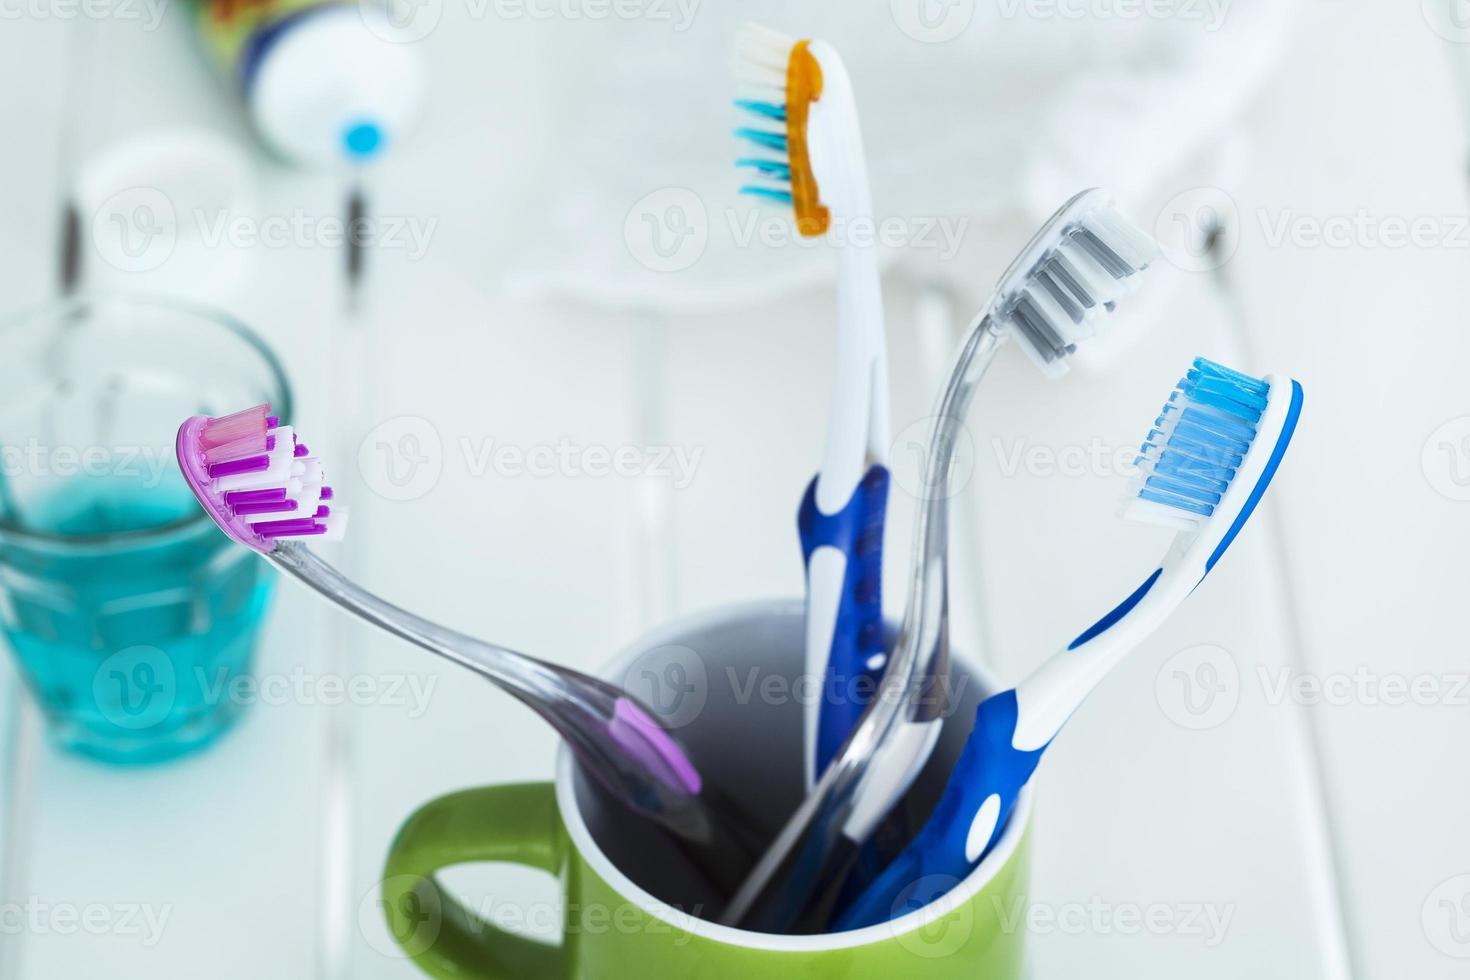 cepillos de dientes en vidrio sobre mesa foto